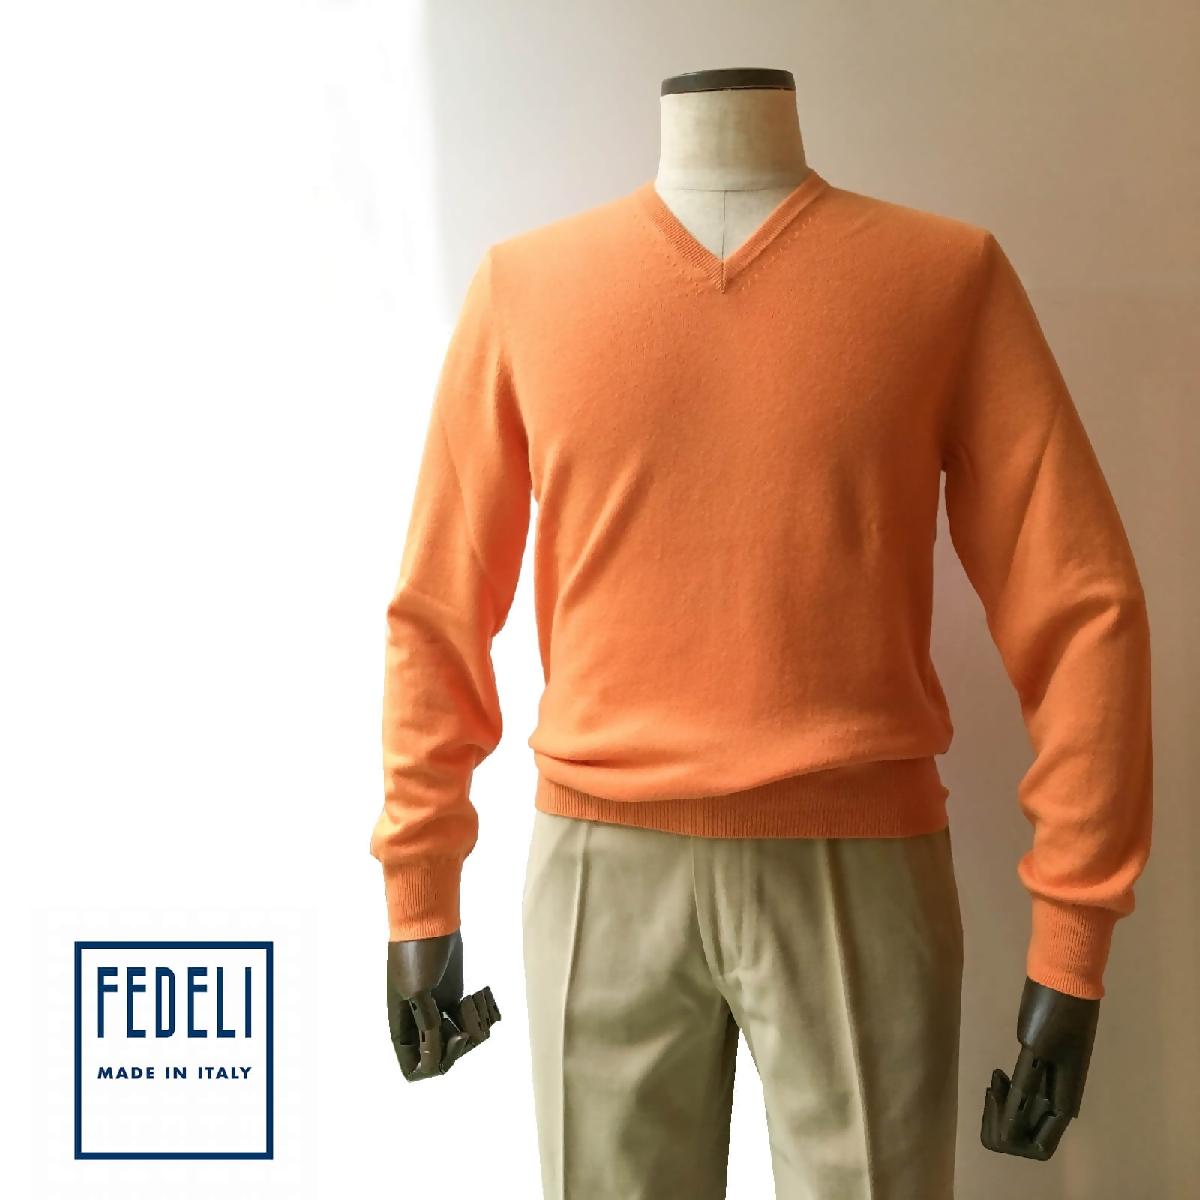 FEDELI (フェデーリ) エルボーパッチカシミヤニットセーター オレンジ メンズ ブランド Vネック 長袖